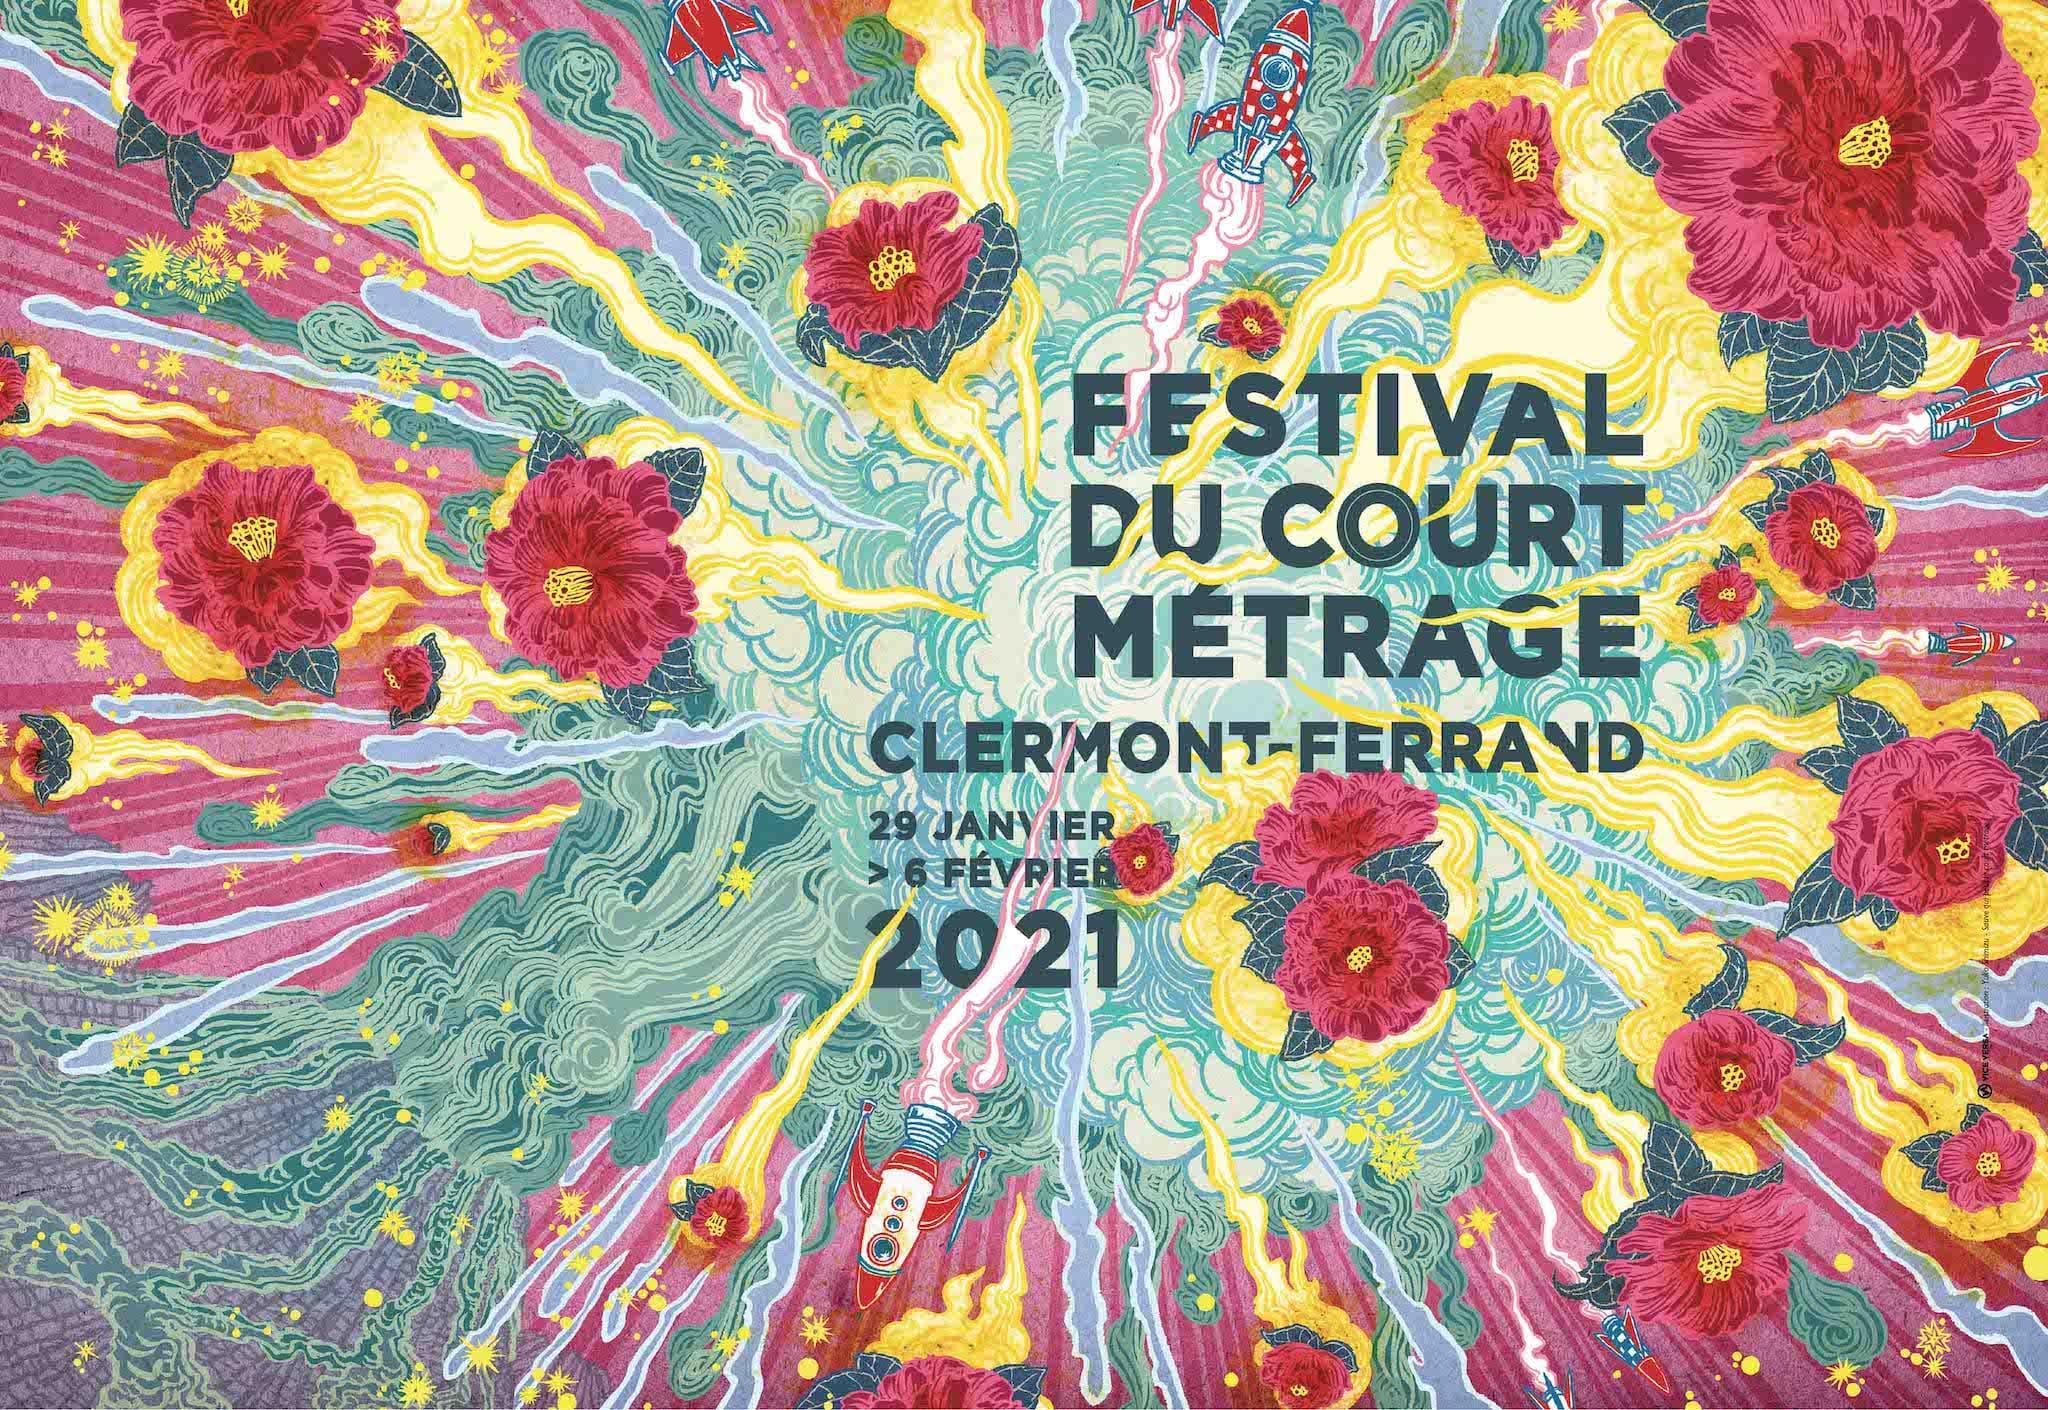 Festival du Court Métrage de Clermont-Ferrand 2021 affiche cinéma